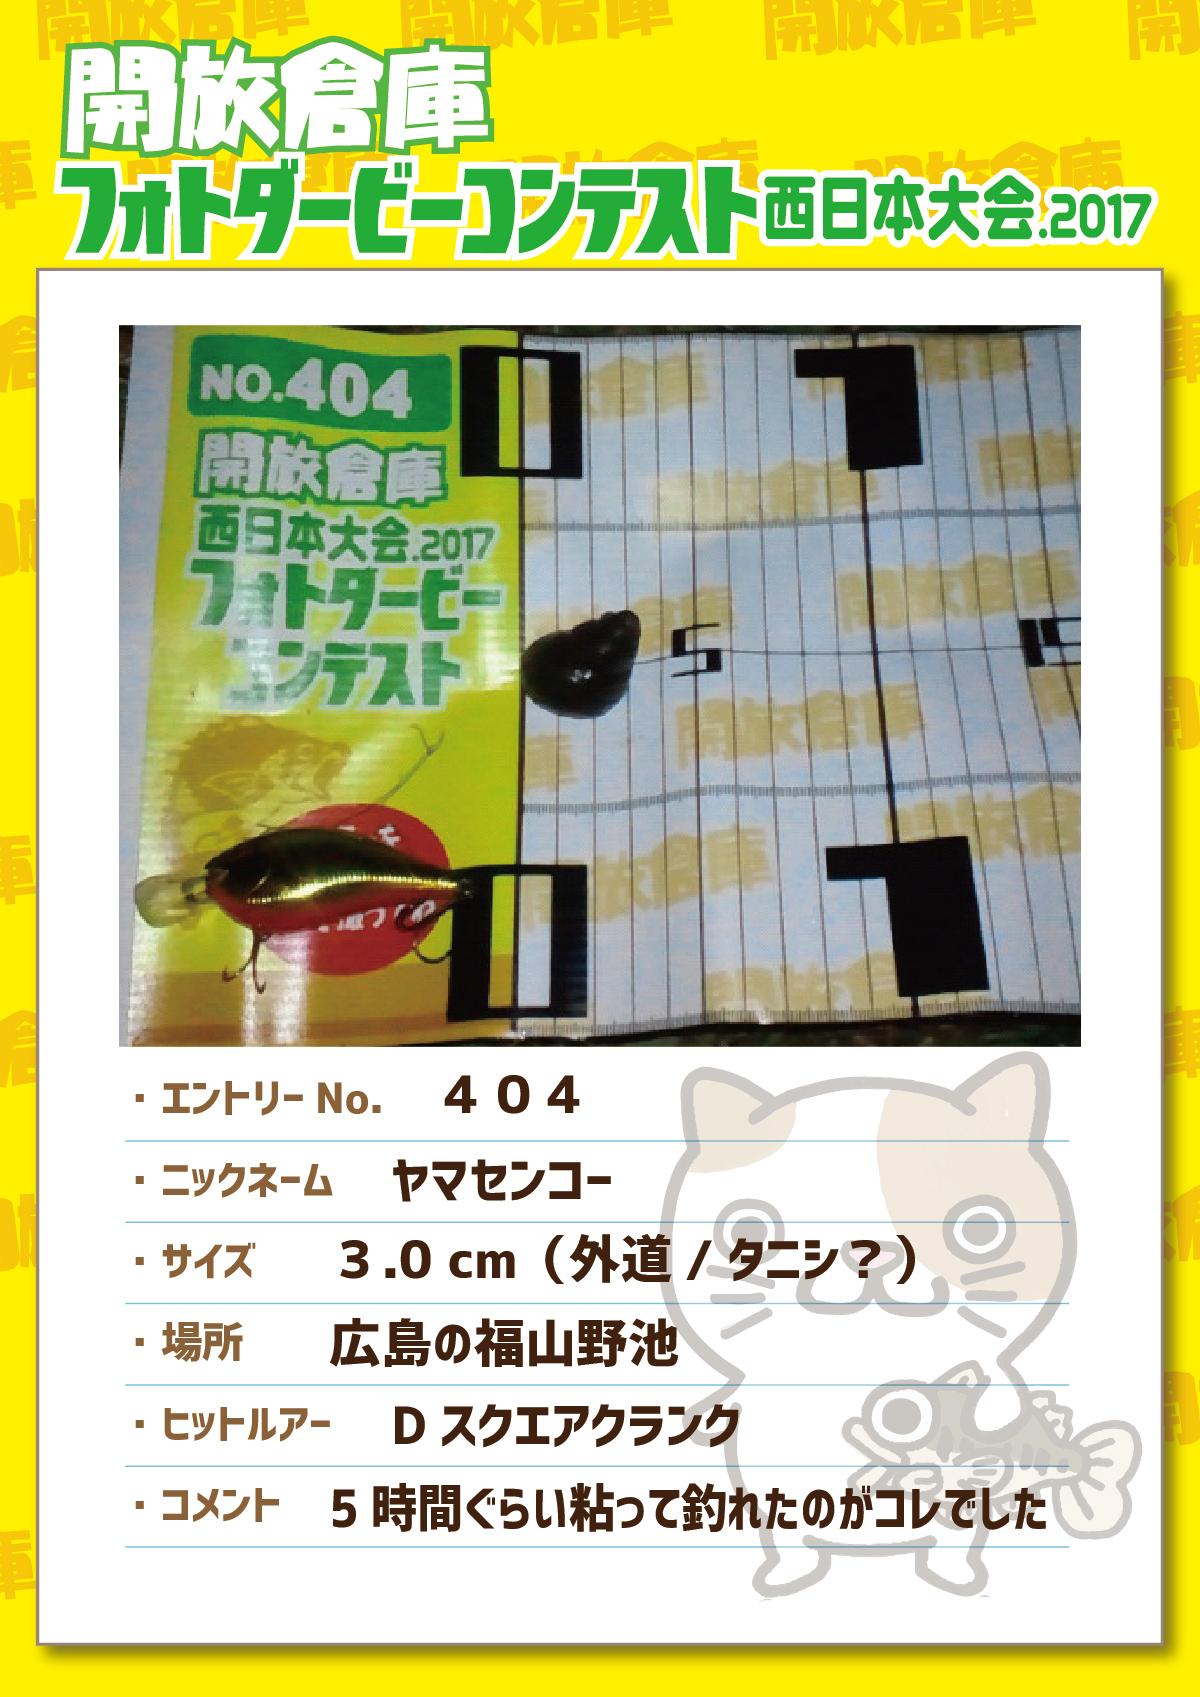 No.404 ヤマセンコー 3.0cm 広島の福山野池 Dスクエアクランク 5時間ぐらい粘って釣れたのがコレでした